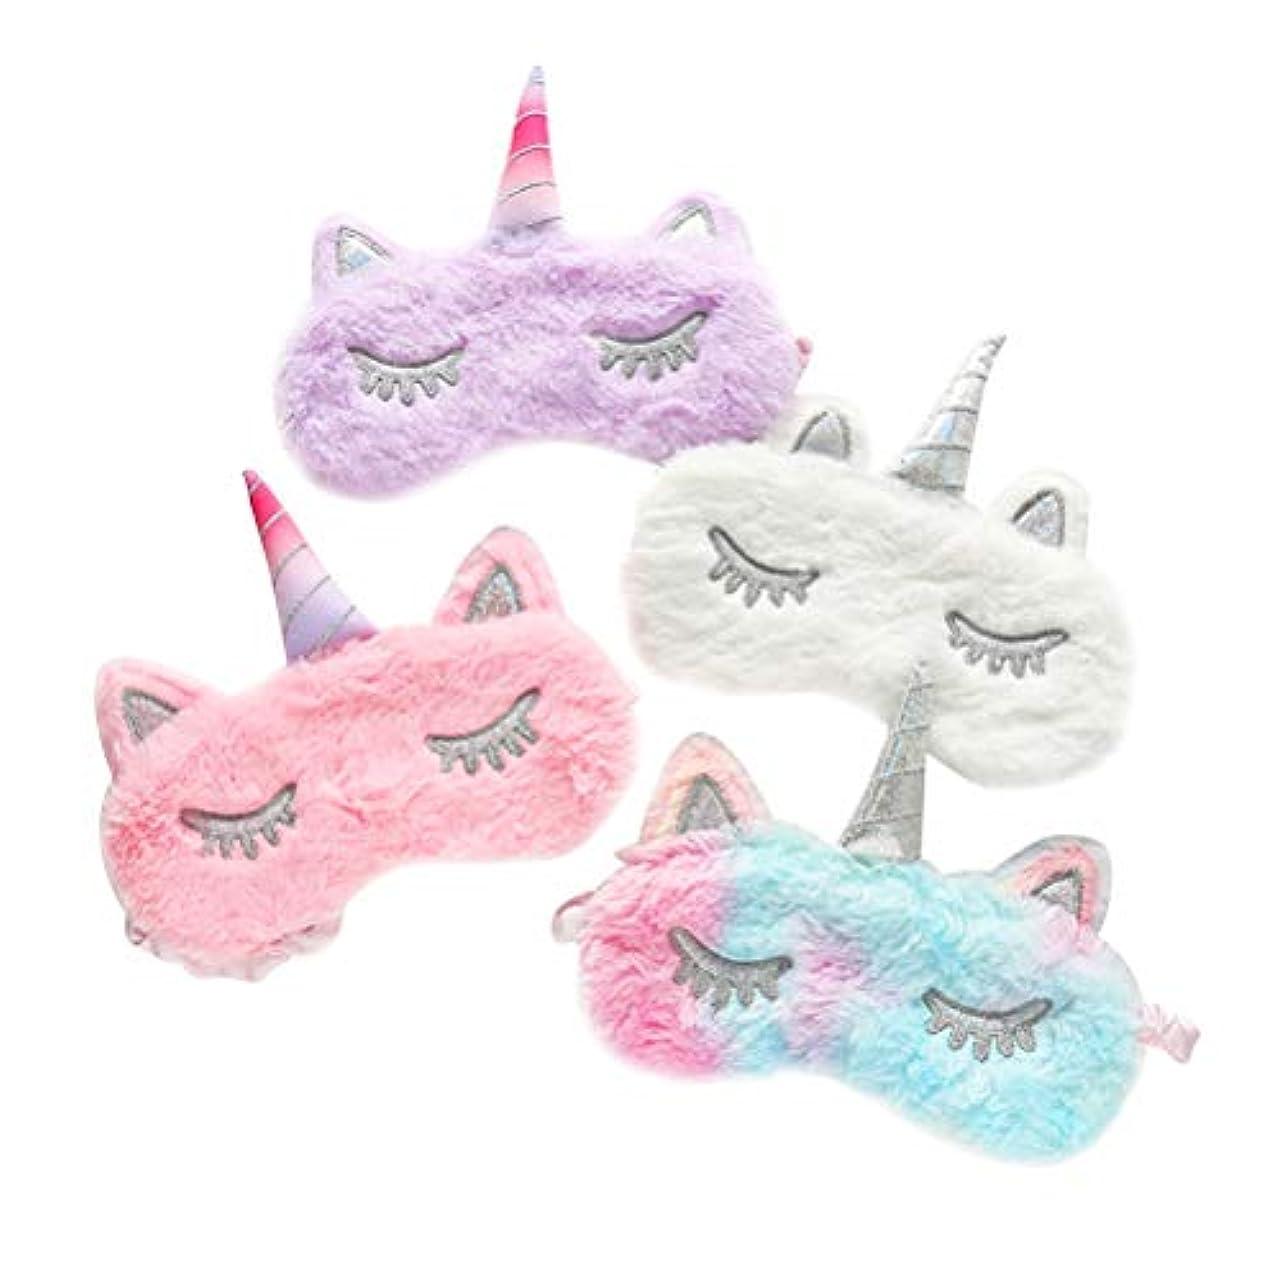 LURROSE 4pcsソフトぬいぐるみユニコーンスリープアイマスクカバーかわいい昼寝旅行のためのかわいいアイシェードユニコーンホーン目隠し(ホワイト+パープル+グラデーション5色+ピンク)